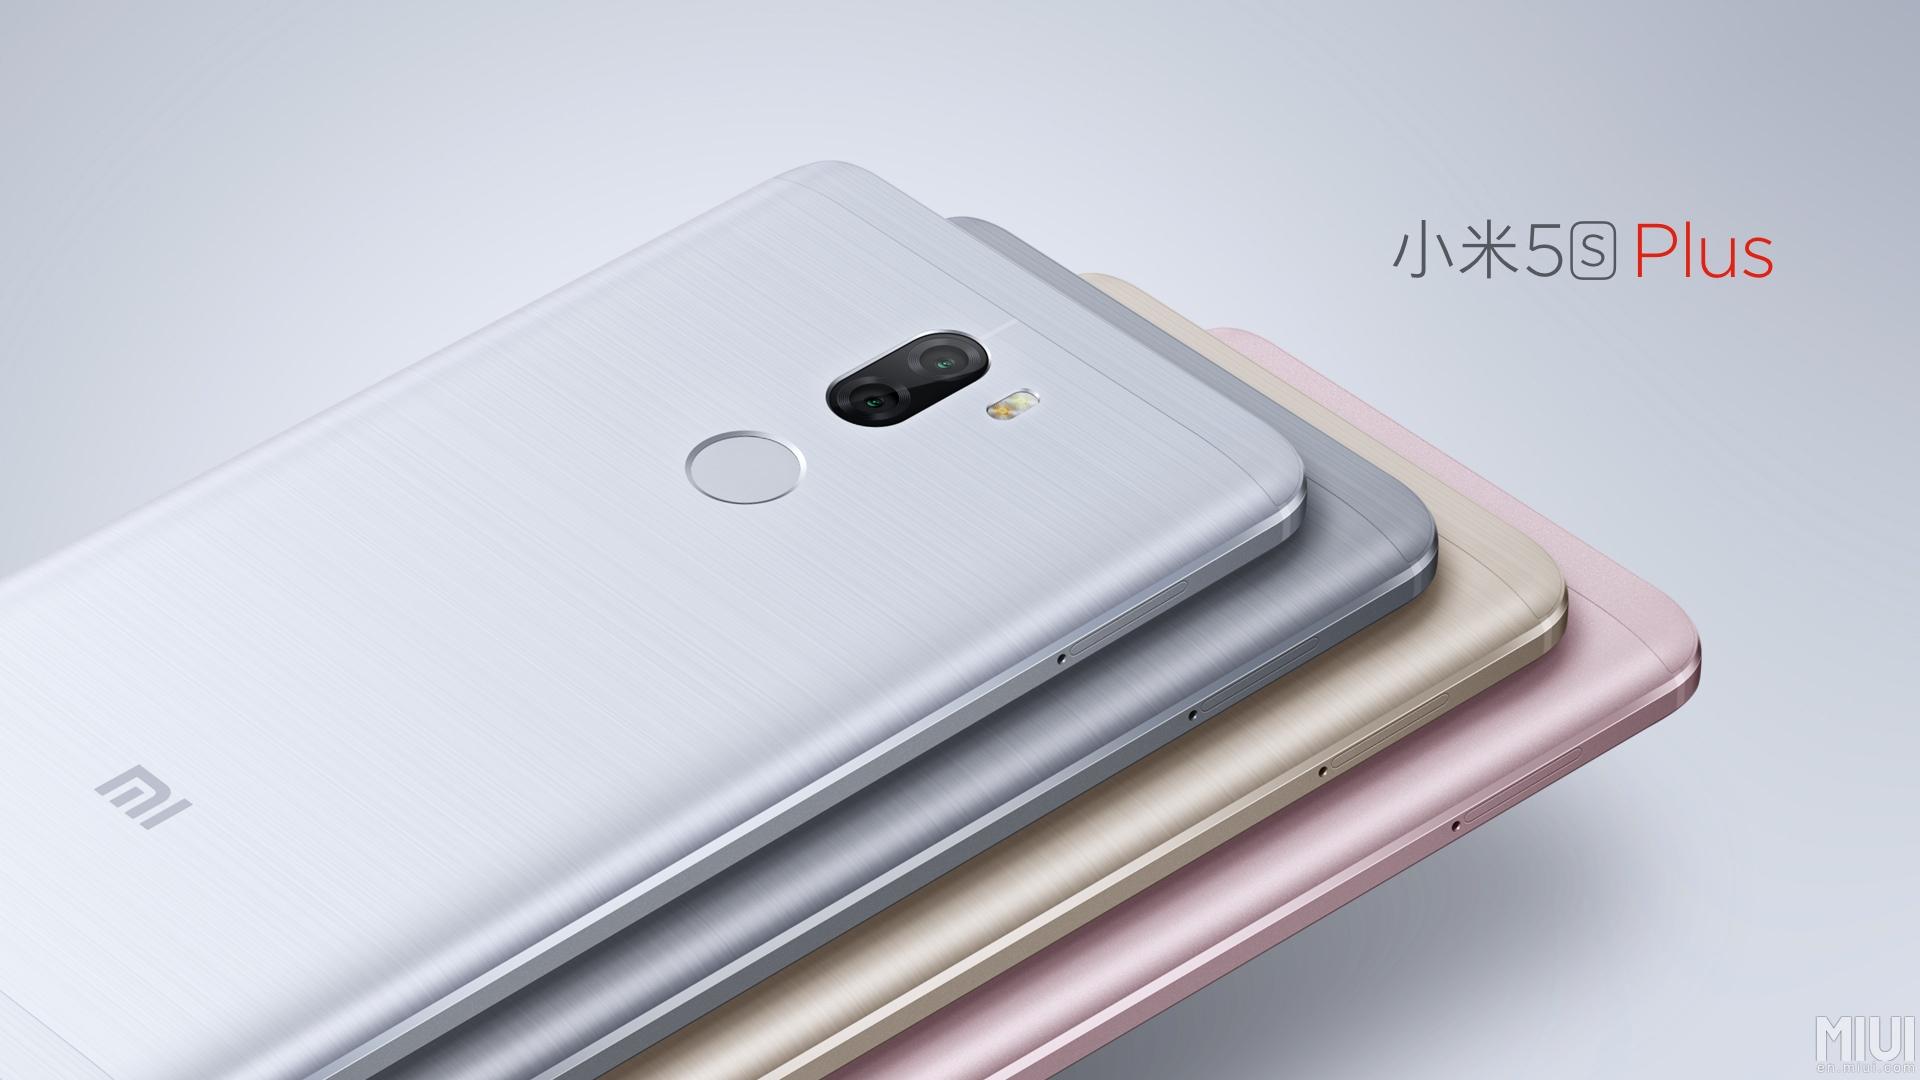 Xiaomi Mi 5s Plus Android 7.0 Nougat